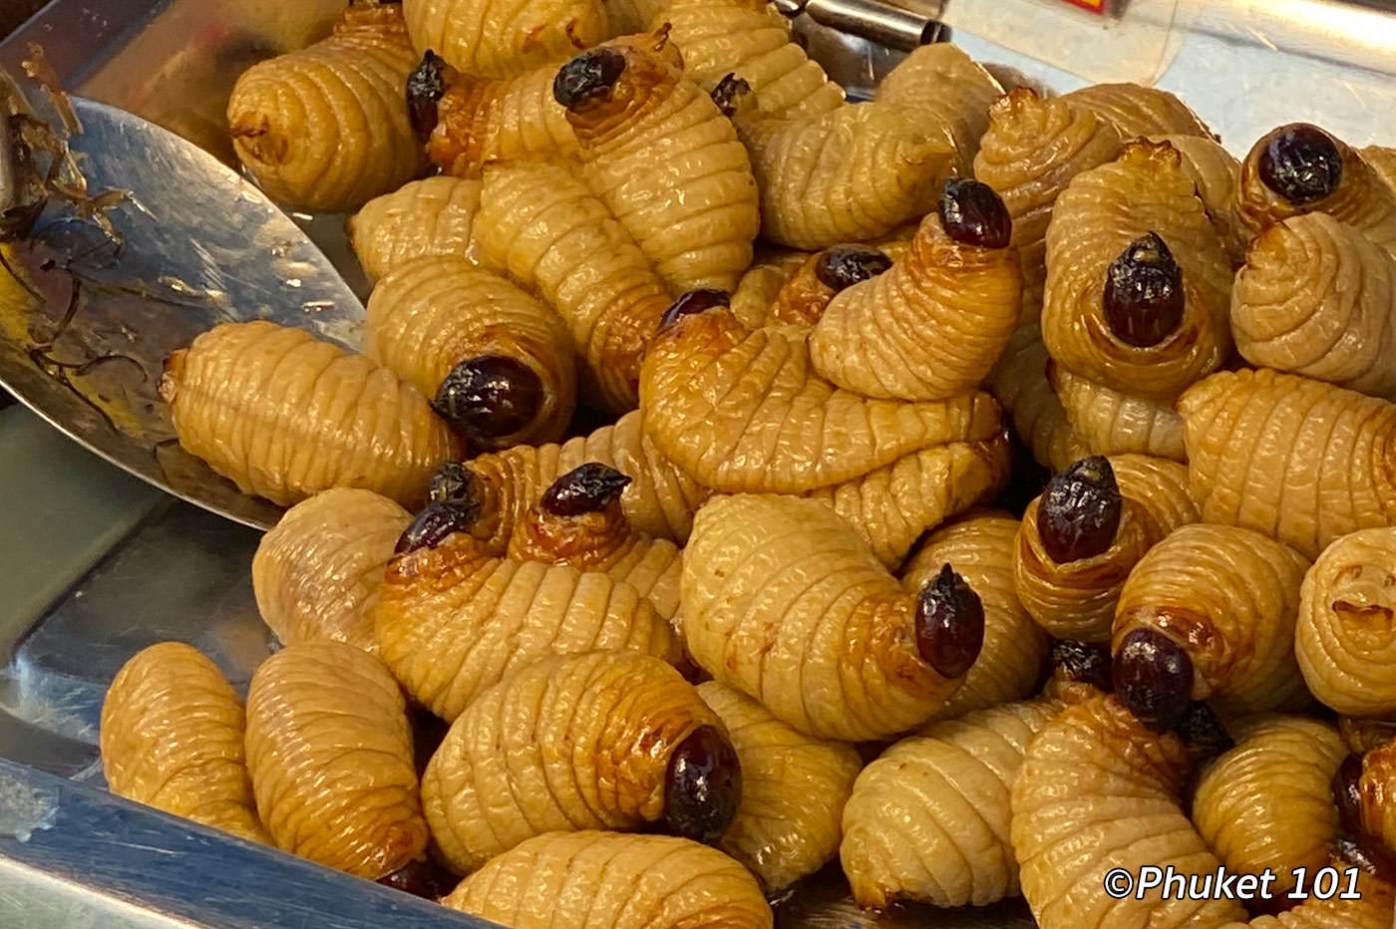 kor-jaan-market-worms